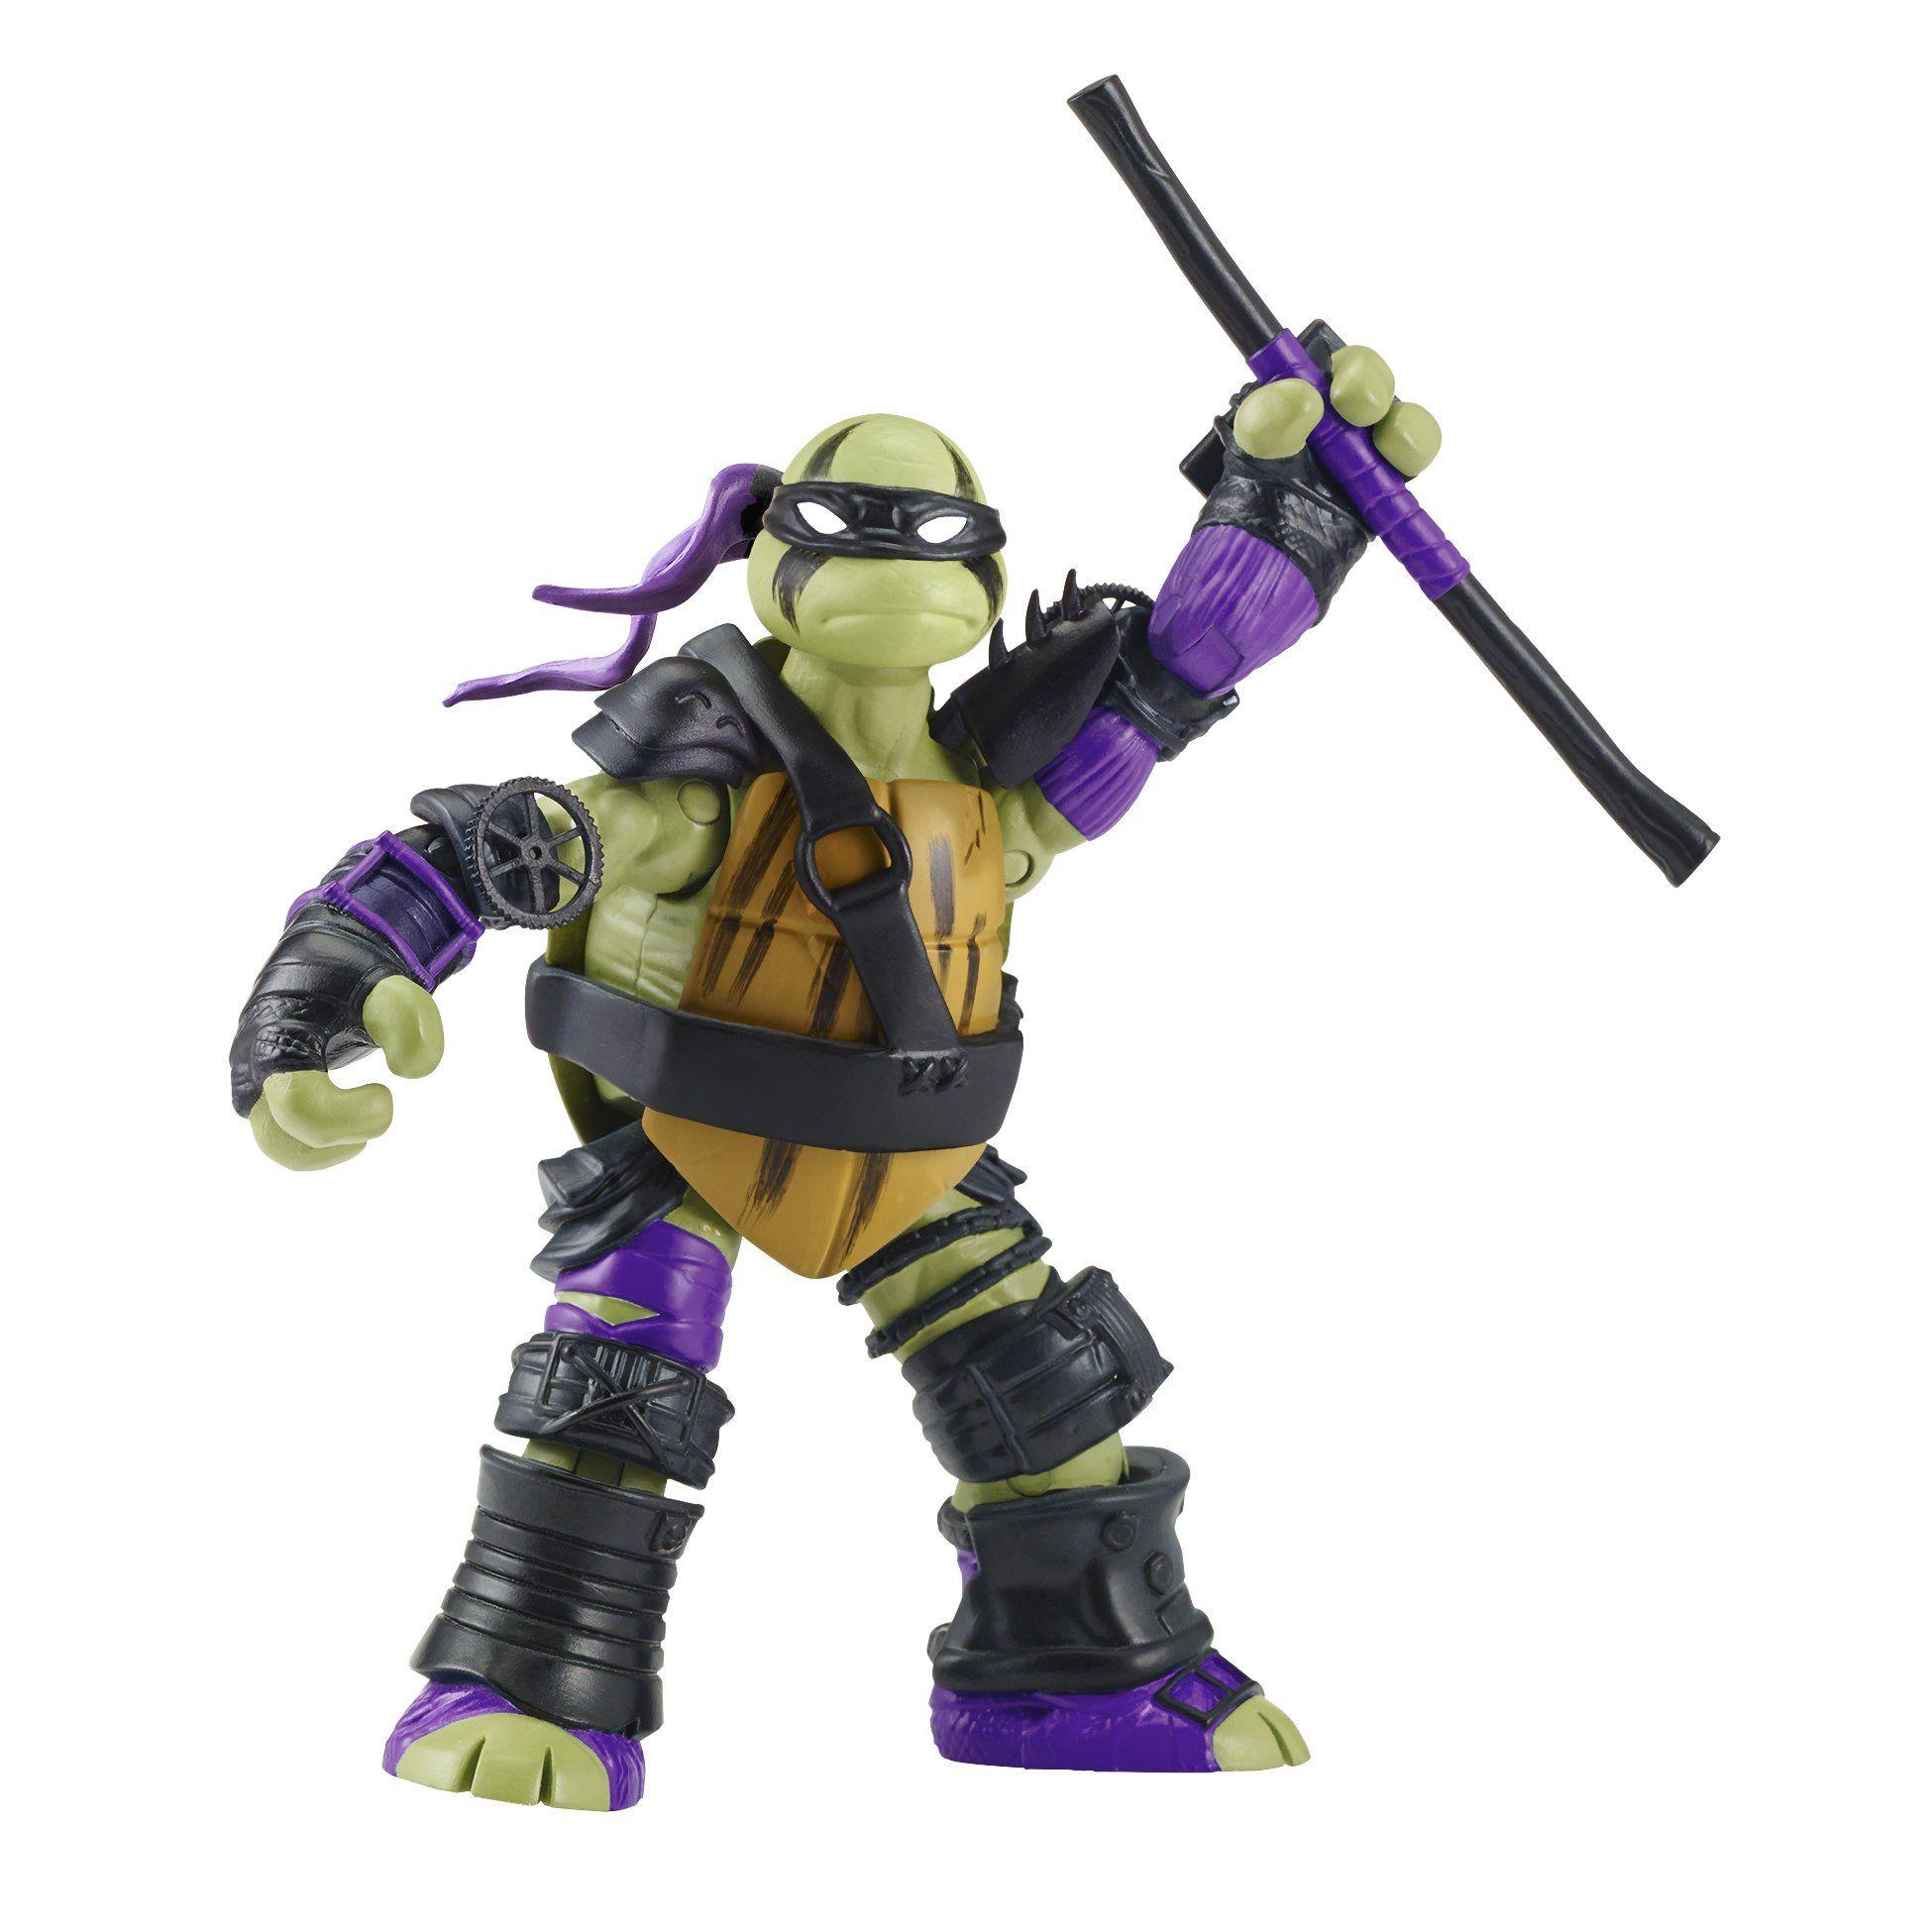 TMNT Out Of The Shadows Splinter Movie2 Teenage Mutant Ninja Turtles Figure Gift